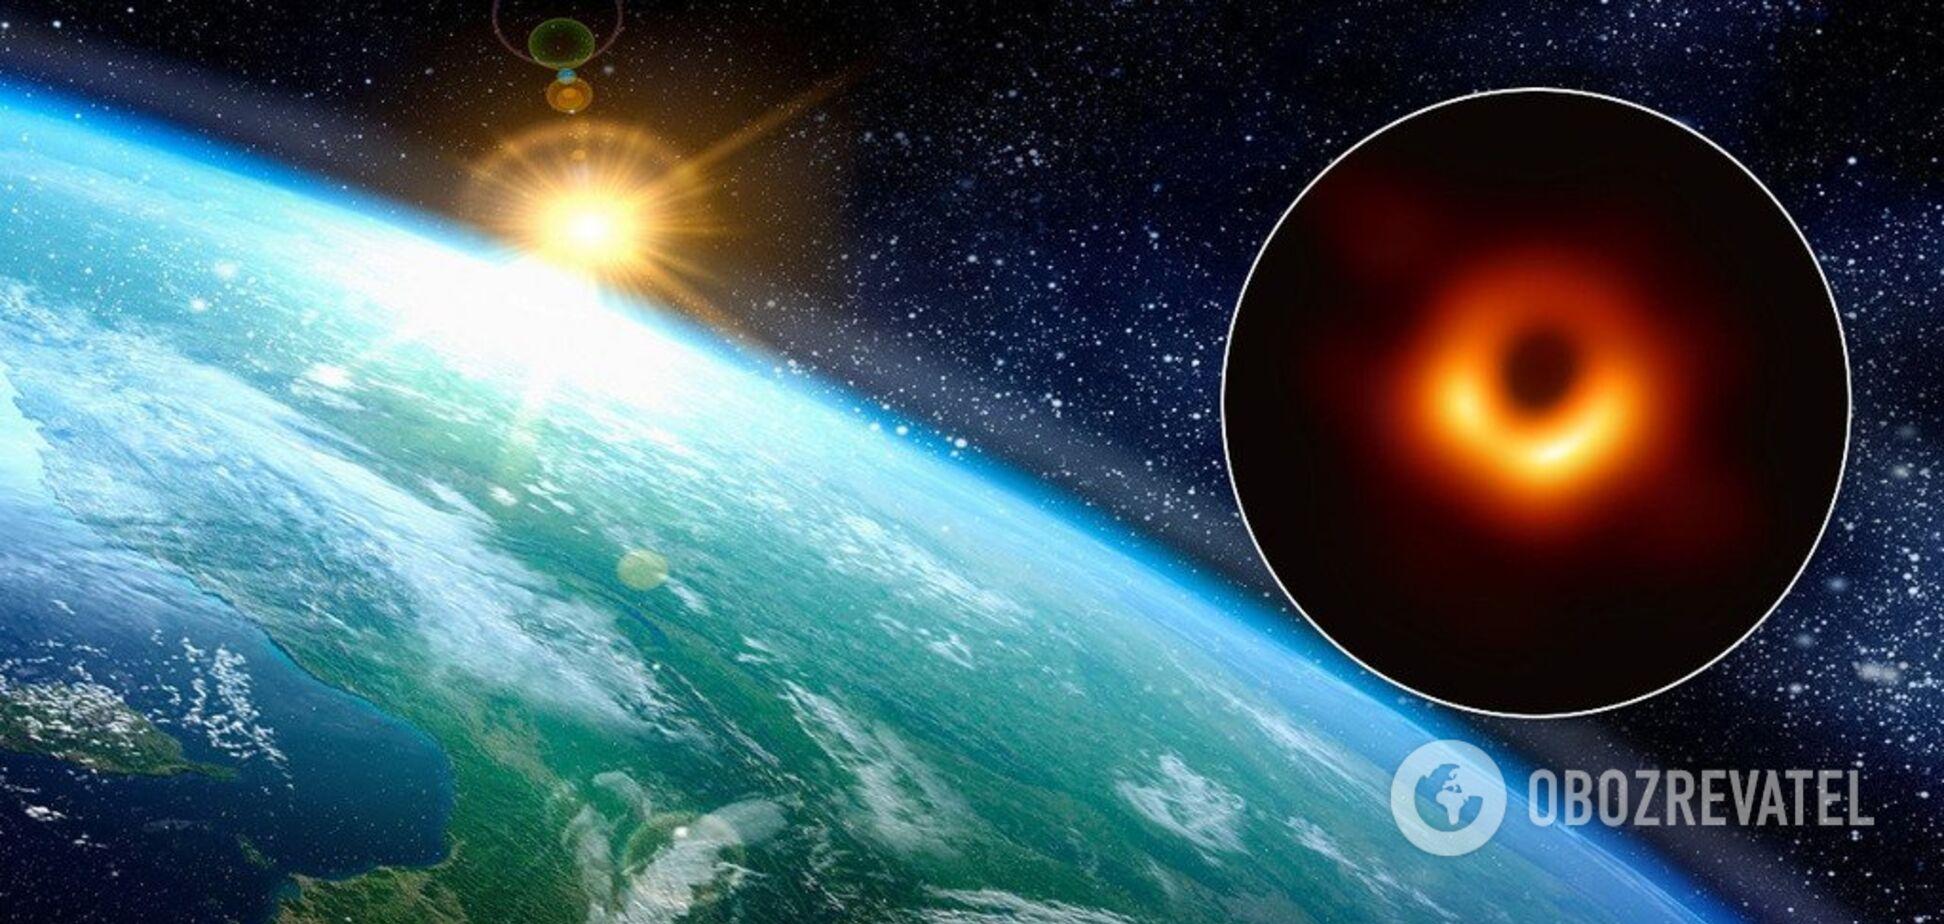 Чорна діра М87 'вистрілила' по Землі: астрологиня назвала наслідки